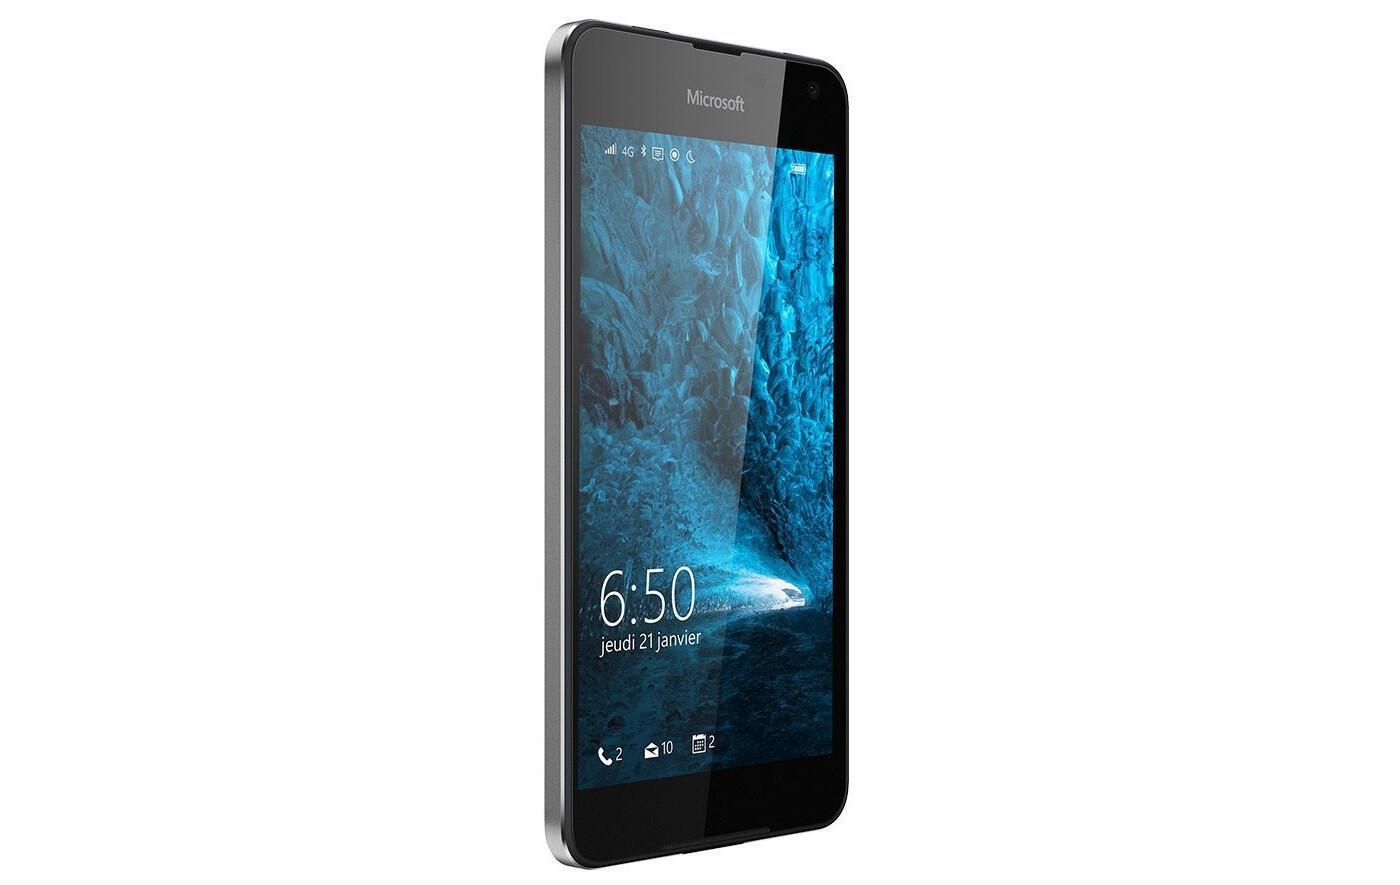 Lumia 650 microsoft Windows 10 Mobile